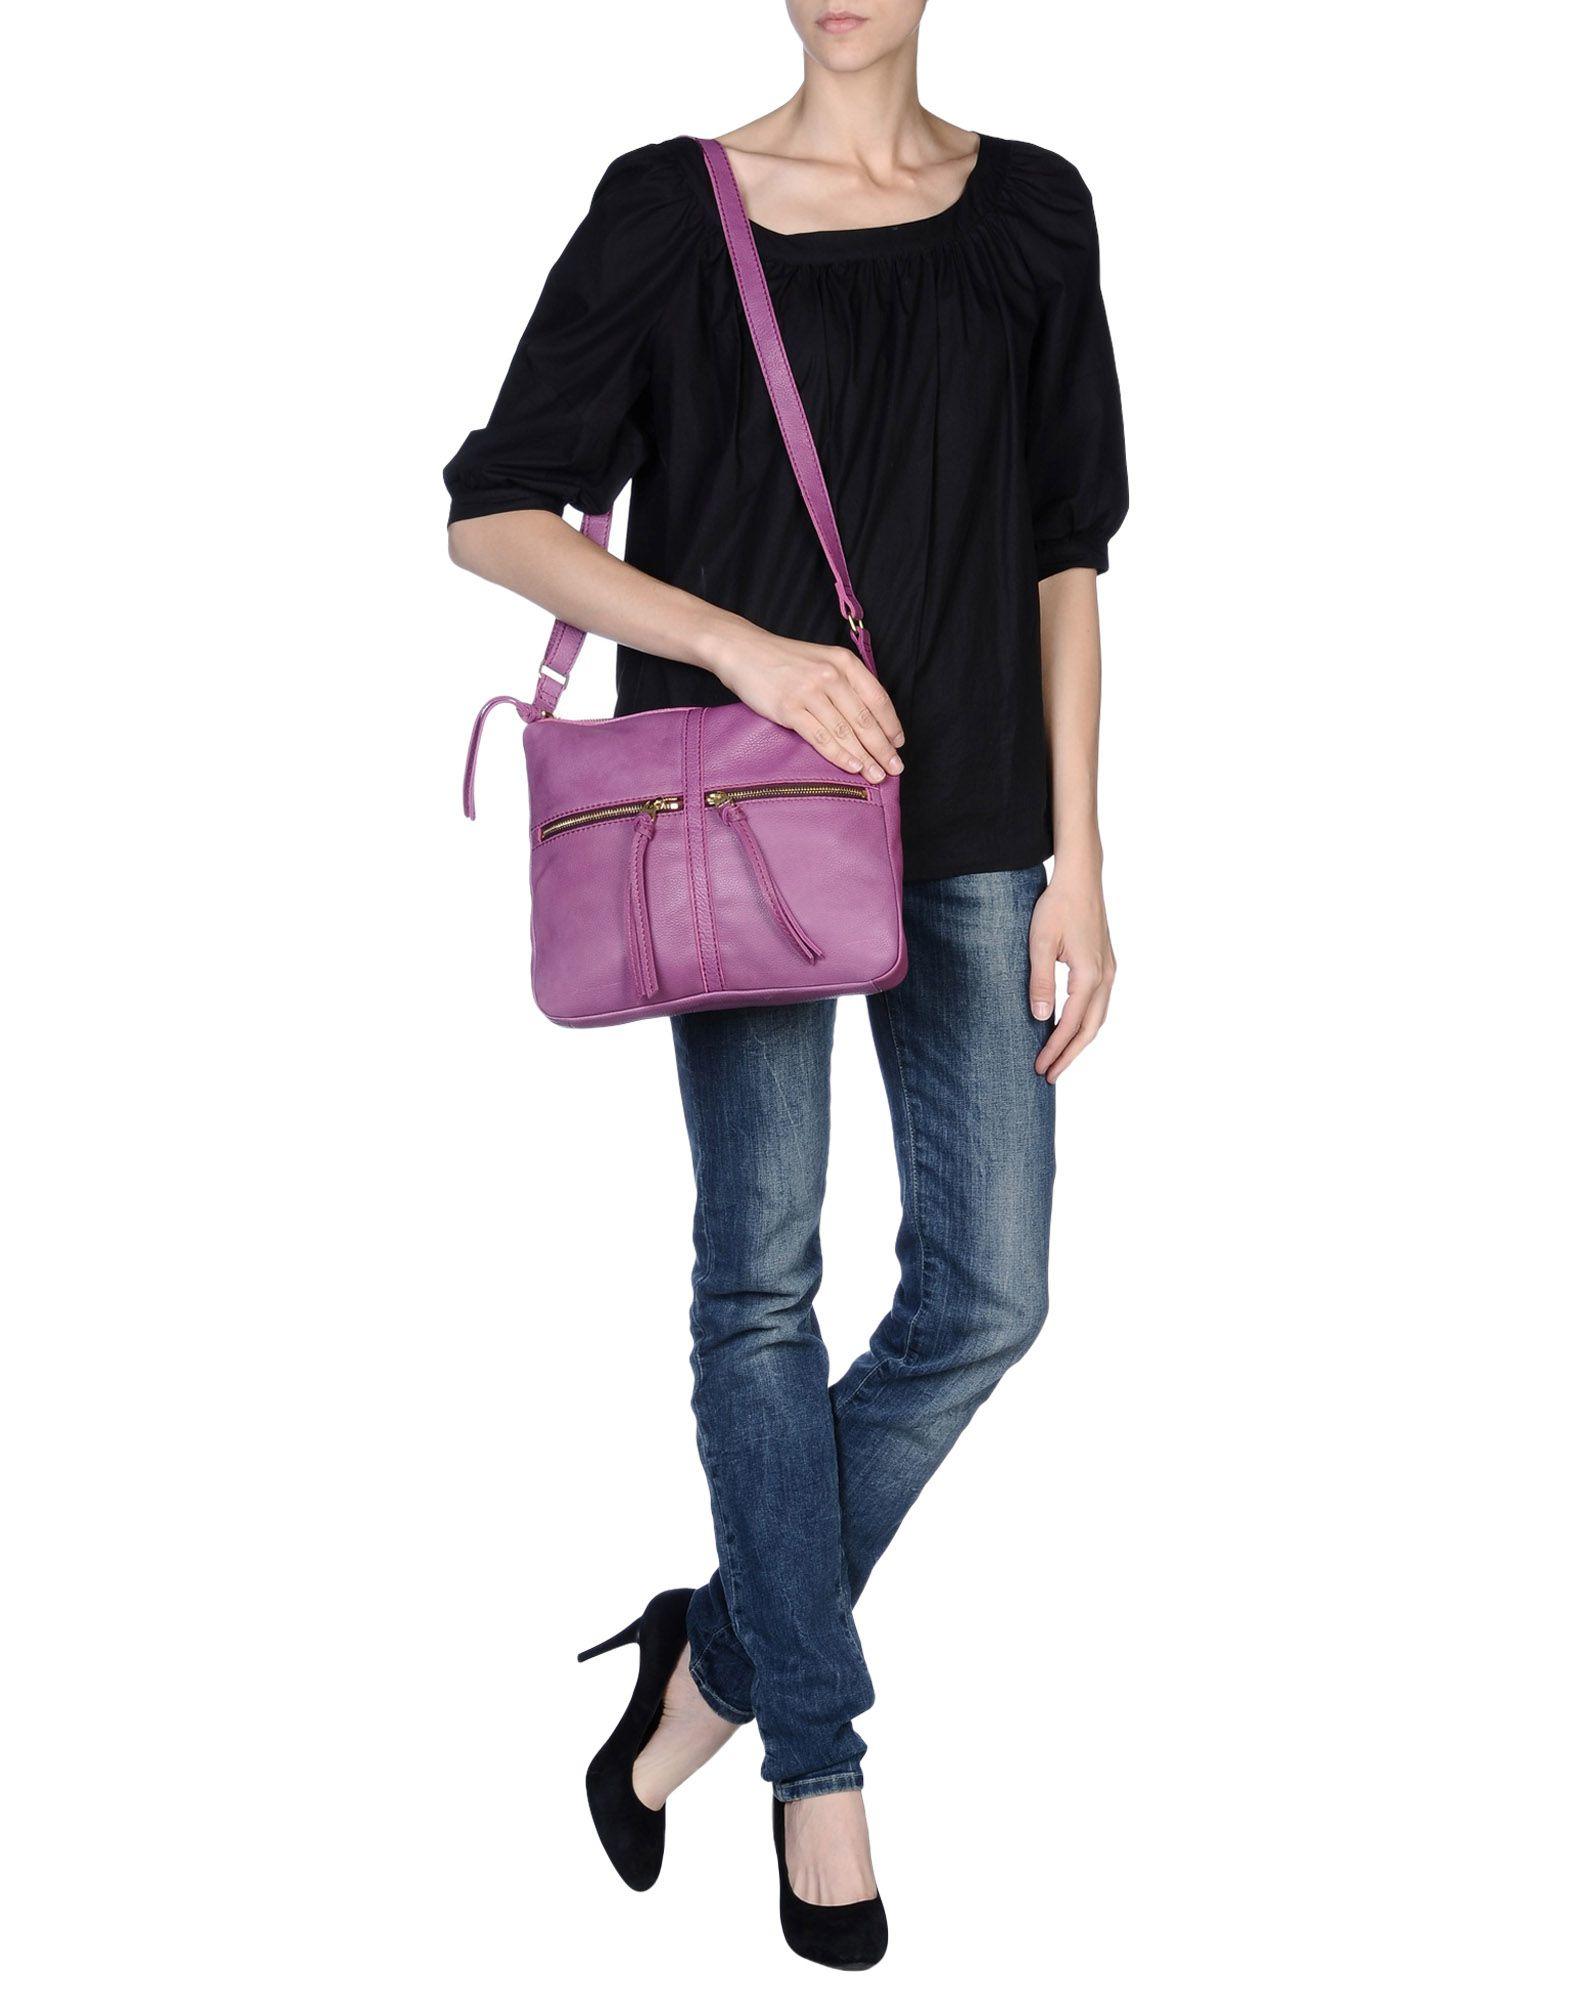 Fossil Cross-body Bag in Light Purple (Purple)